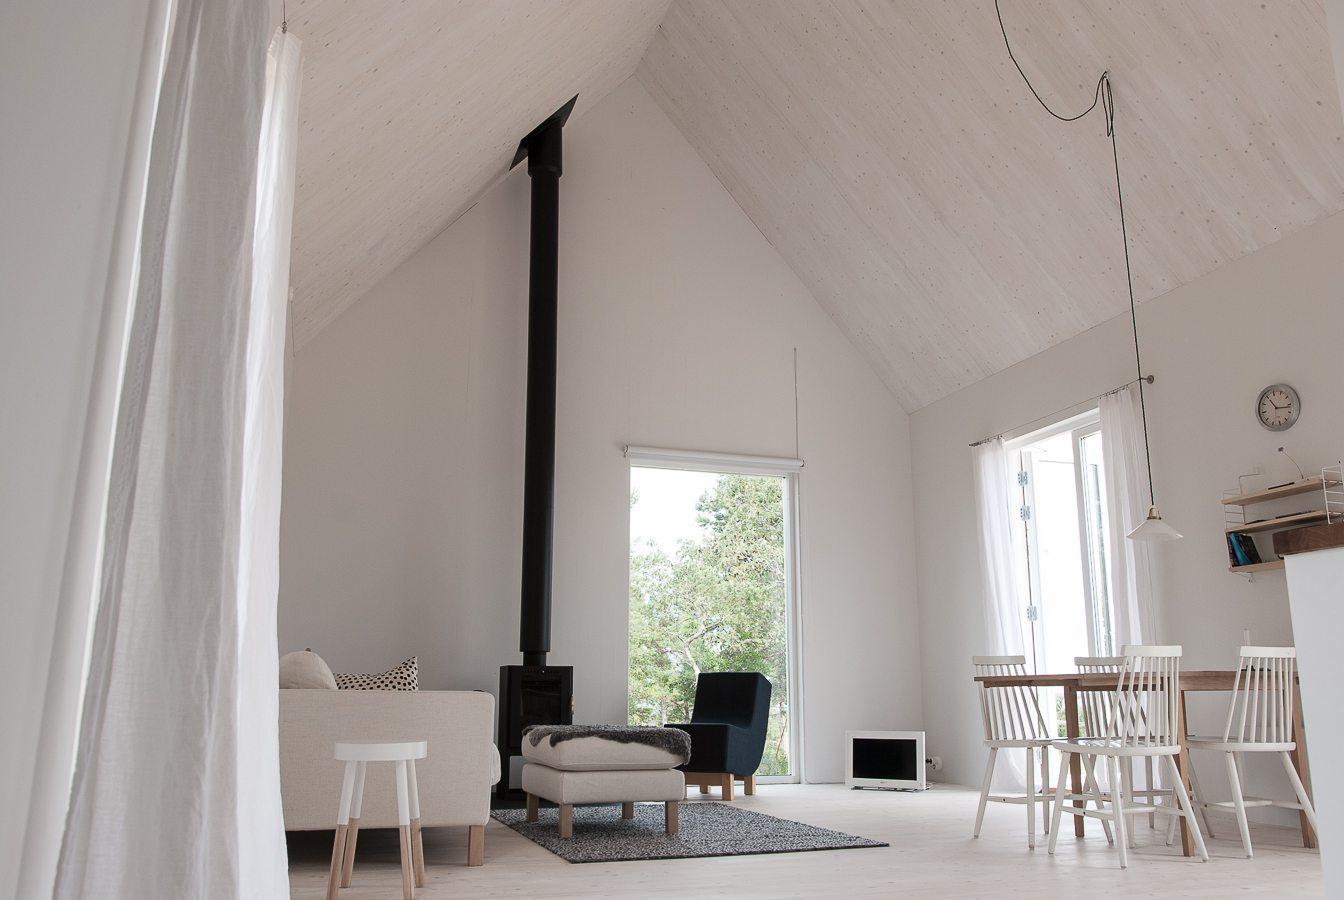 Leva husfabrik är Årets byggnadsvårdare – Husligheter.se